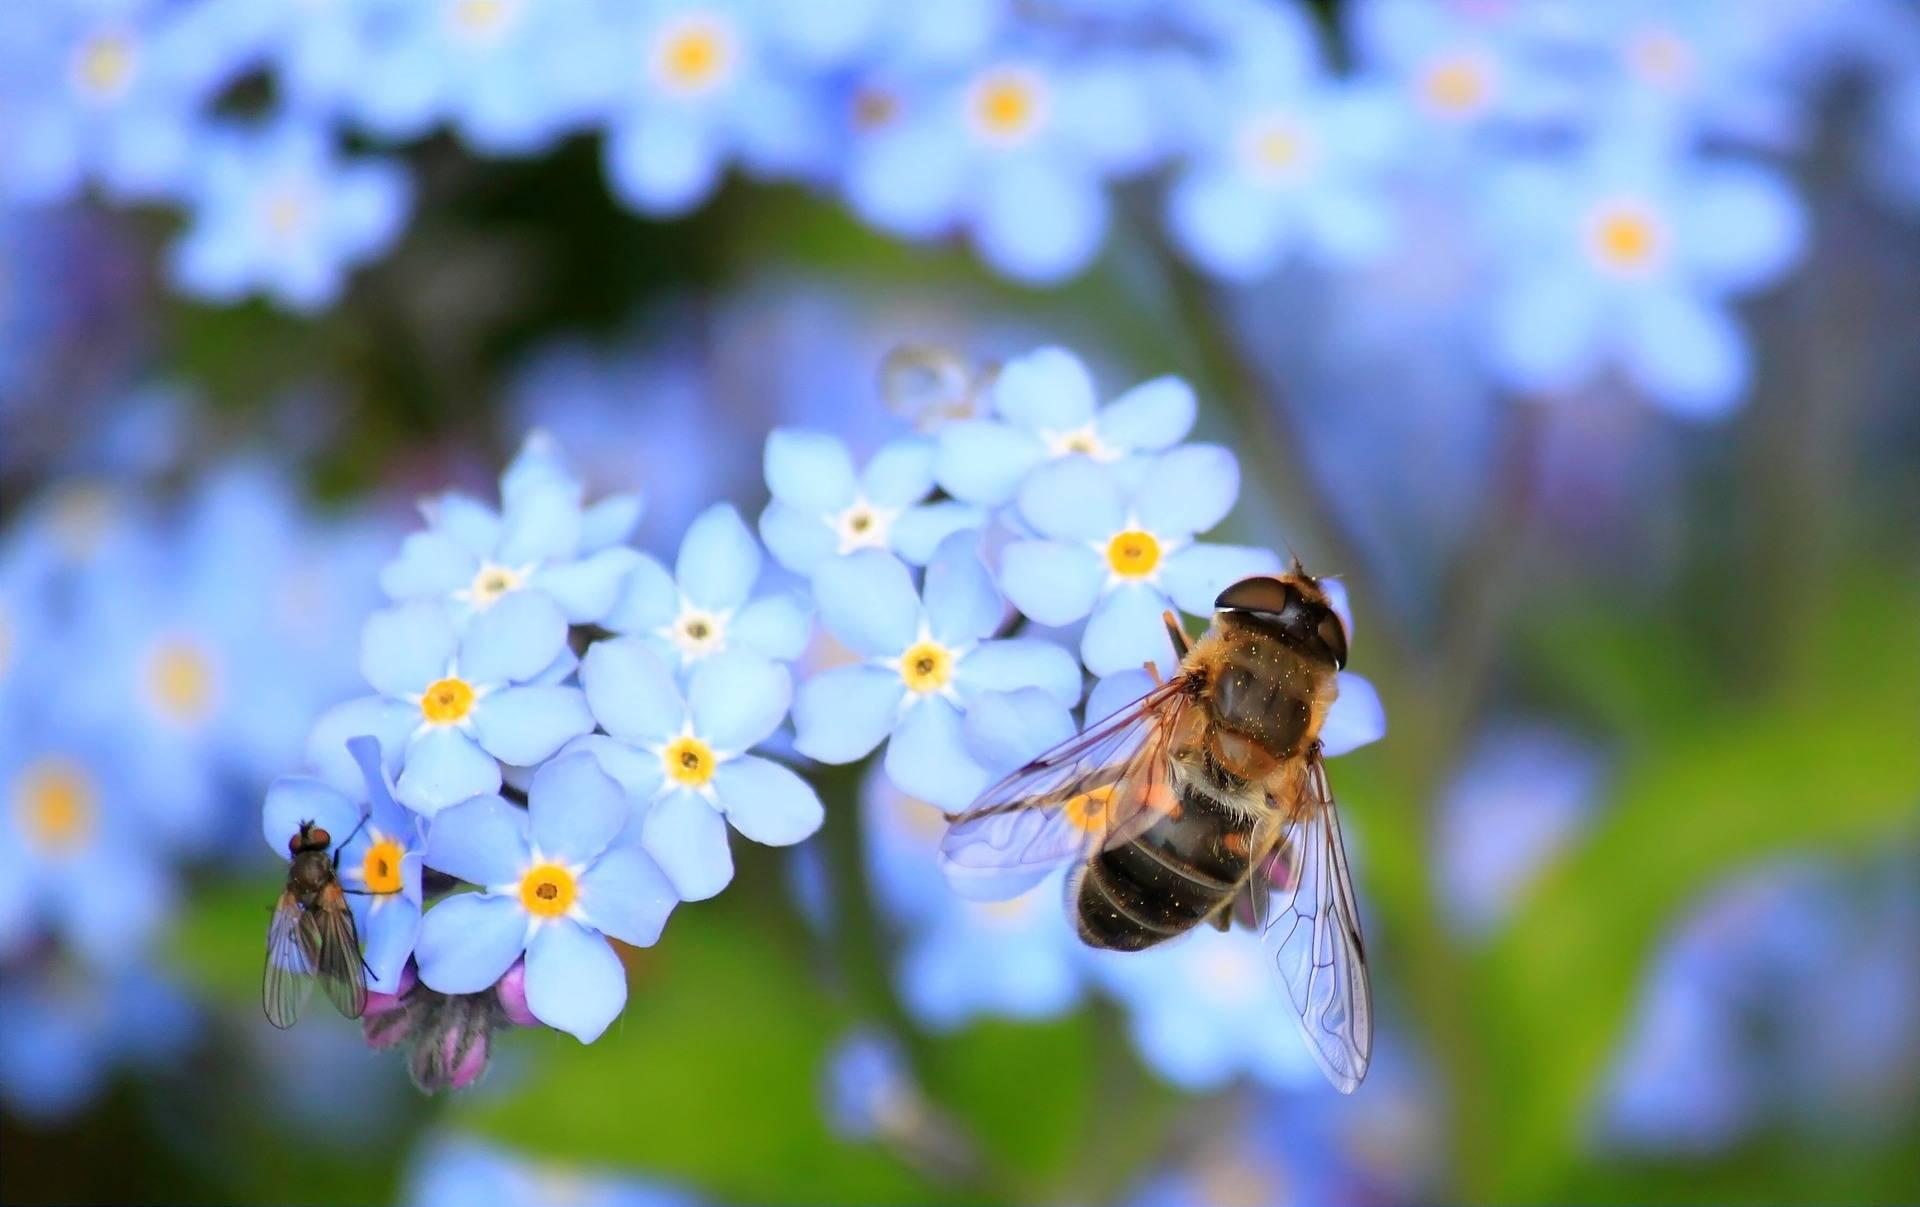 Apis mellifica - lek homeopatyczny na obrzęk i stan zapalny. Pszczoła siedzi na błękitnym kwiatku i spija nektar.